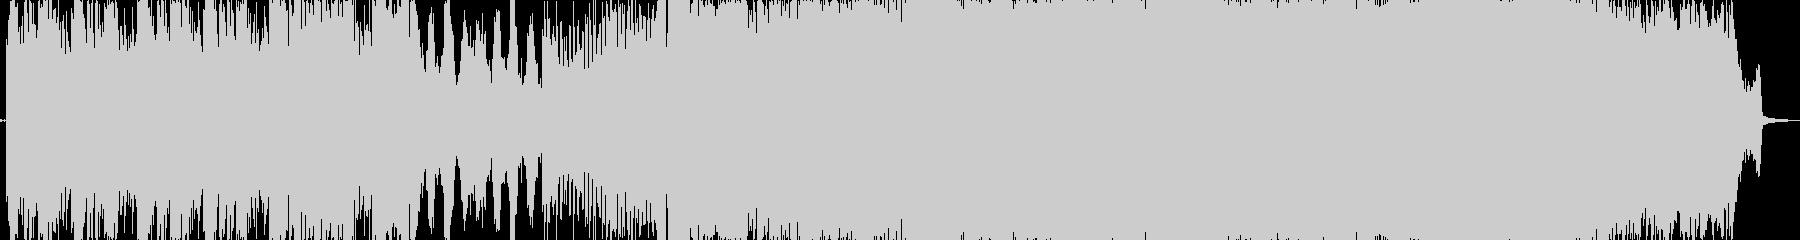 ピアノの旋律が美しいトランスの未再生の波形